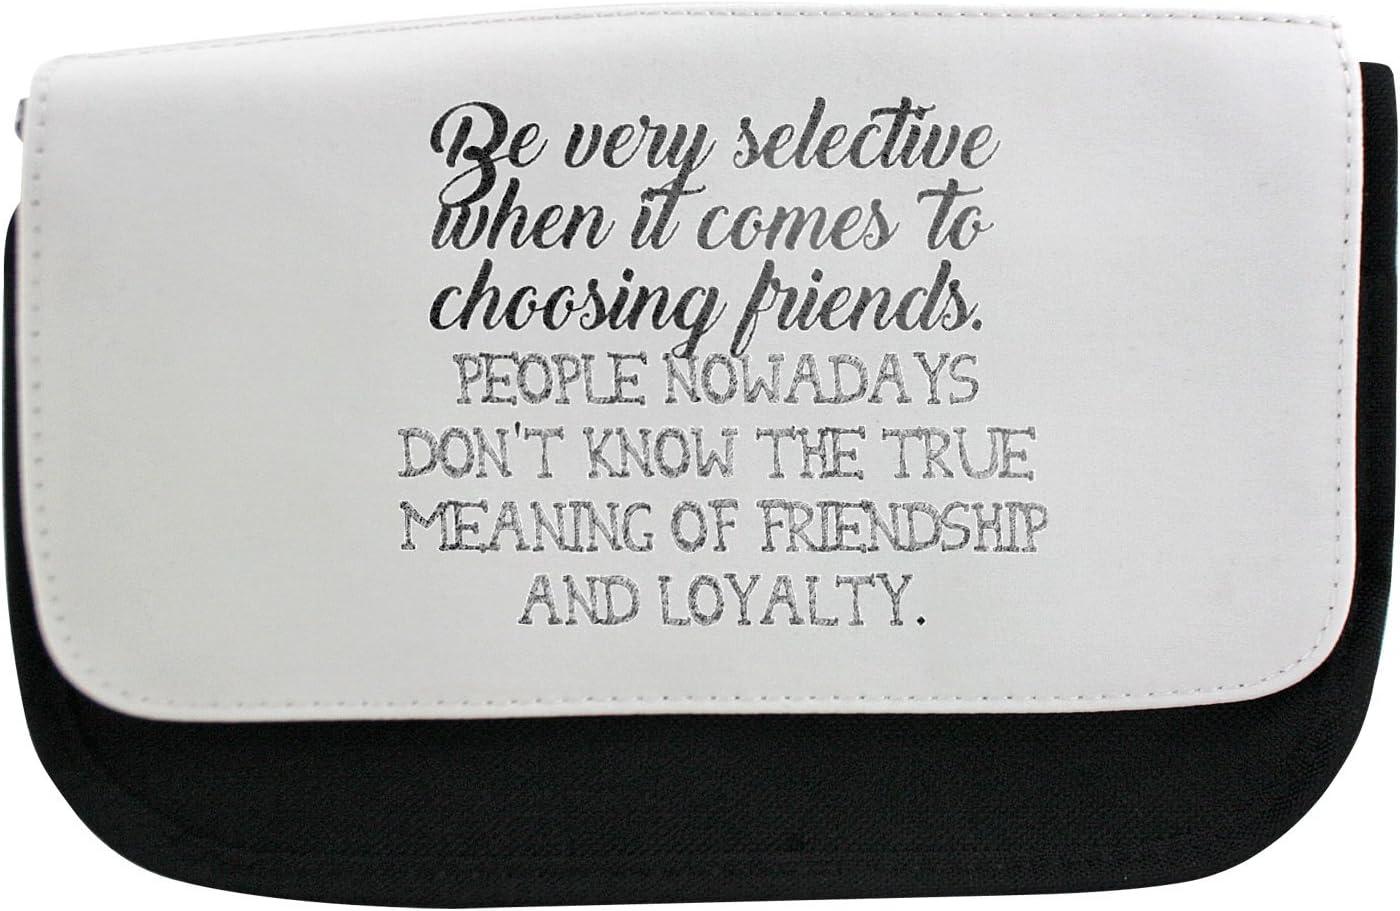 Ser Muy selectiva a la hora de elegir amigos. Personas ahora un días no saber el verdadero significado de la amistad y lealtad estuche, maquillaje bolsa, Multibag: Amazon.es: Oficina y papelería